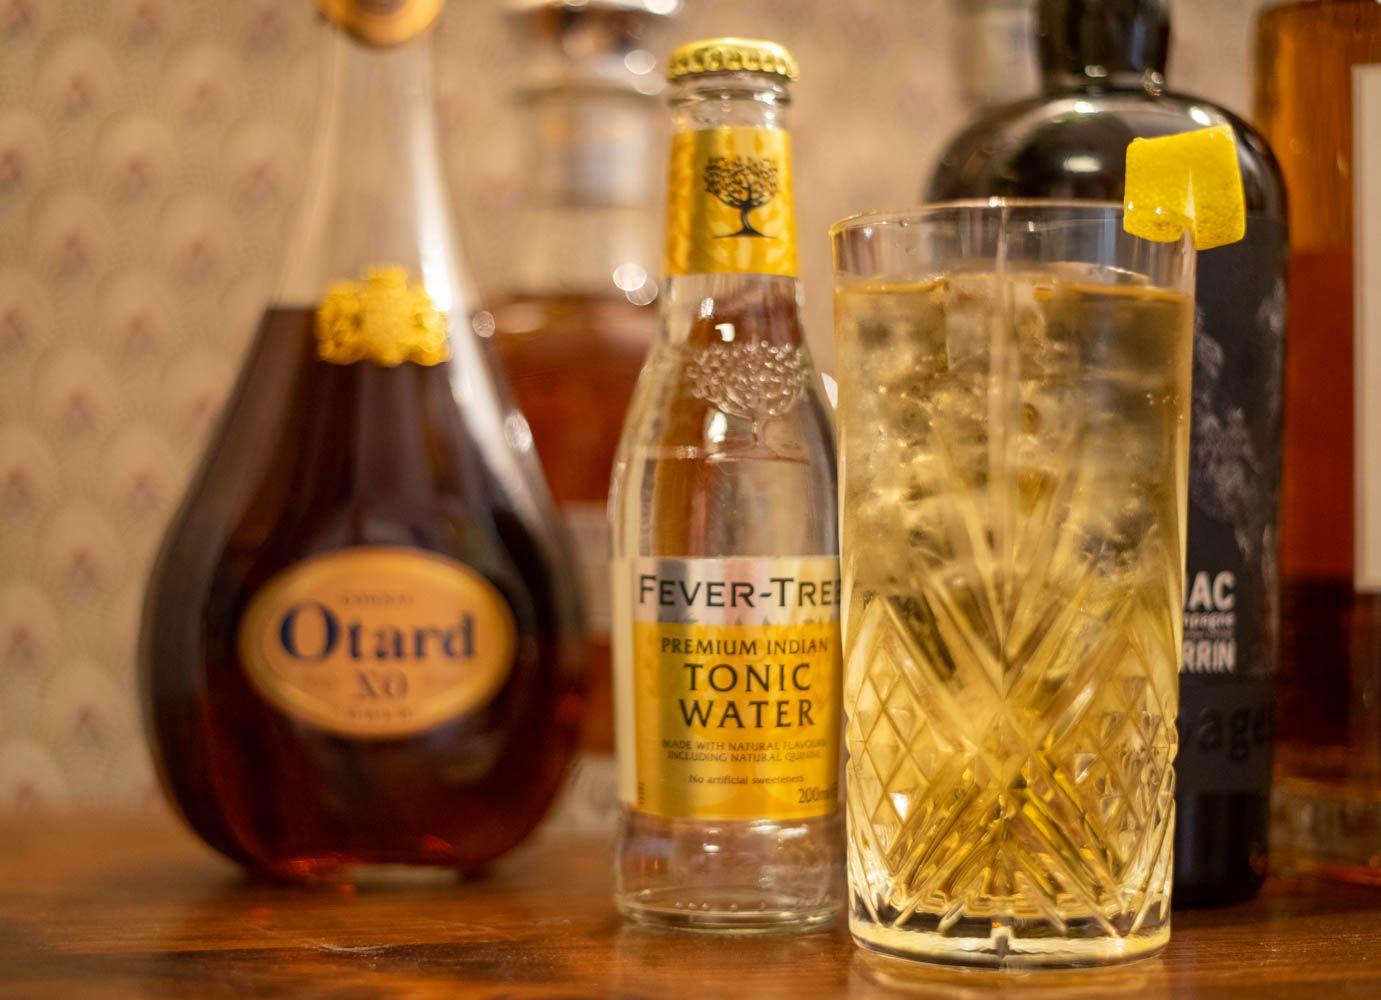 Cognac tonic recette alcool ingrédients été boisson trendy bar gin tonic